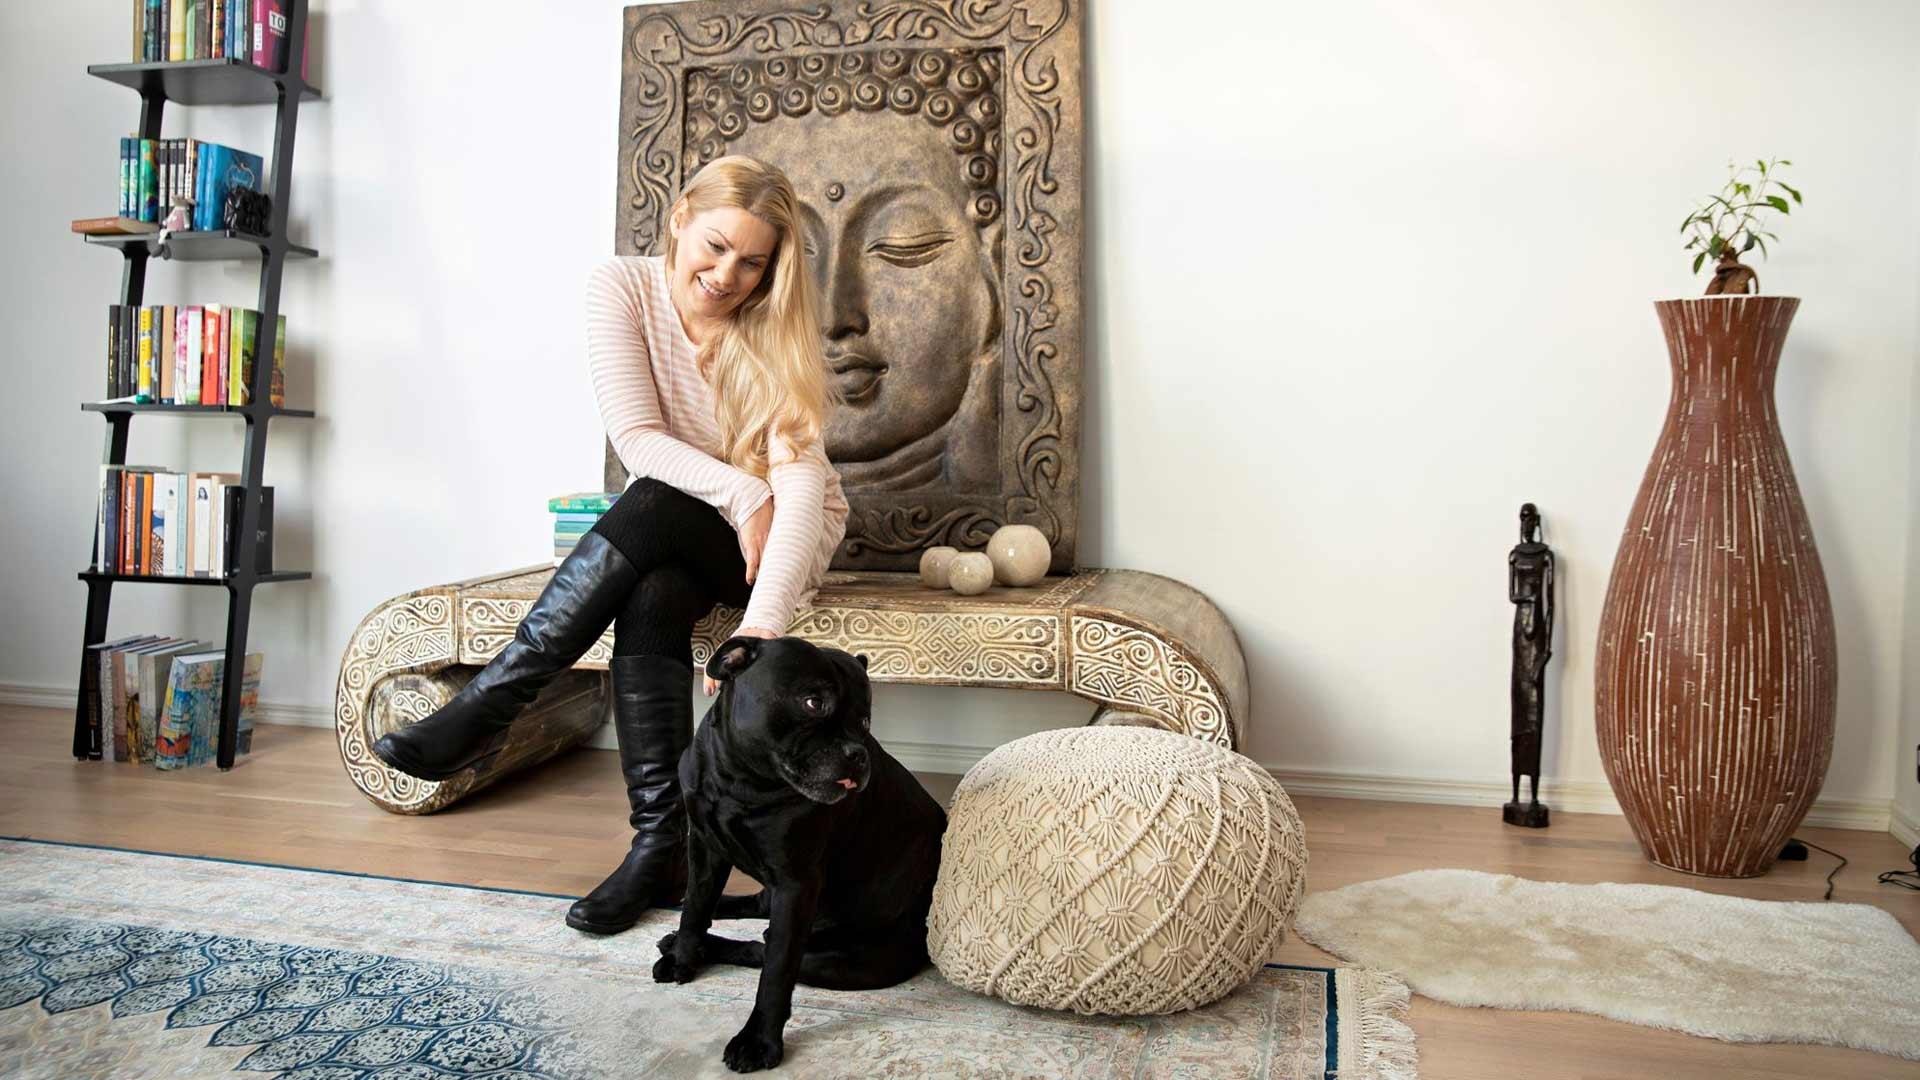 Olohuoneen katseenvangitsija on balilainen Buddha-taulu. se muistuttaa Johannaa matkojen myötä tärkeäksi muodostuneesta kaakkoisaasialaisesta kulttuurista.